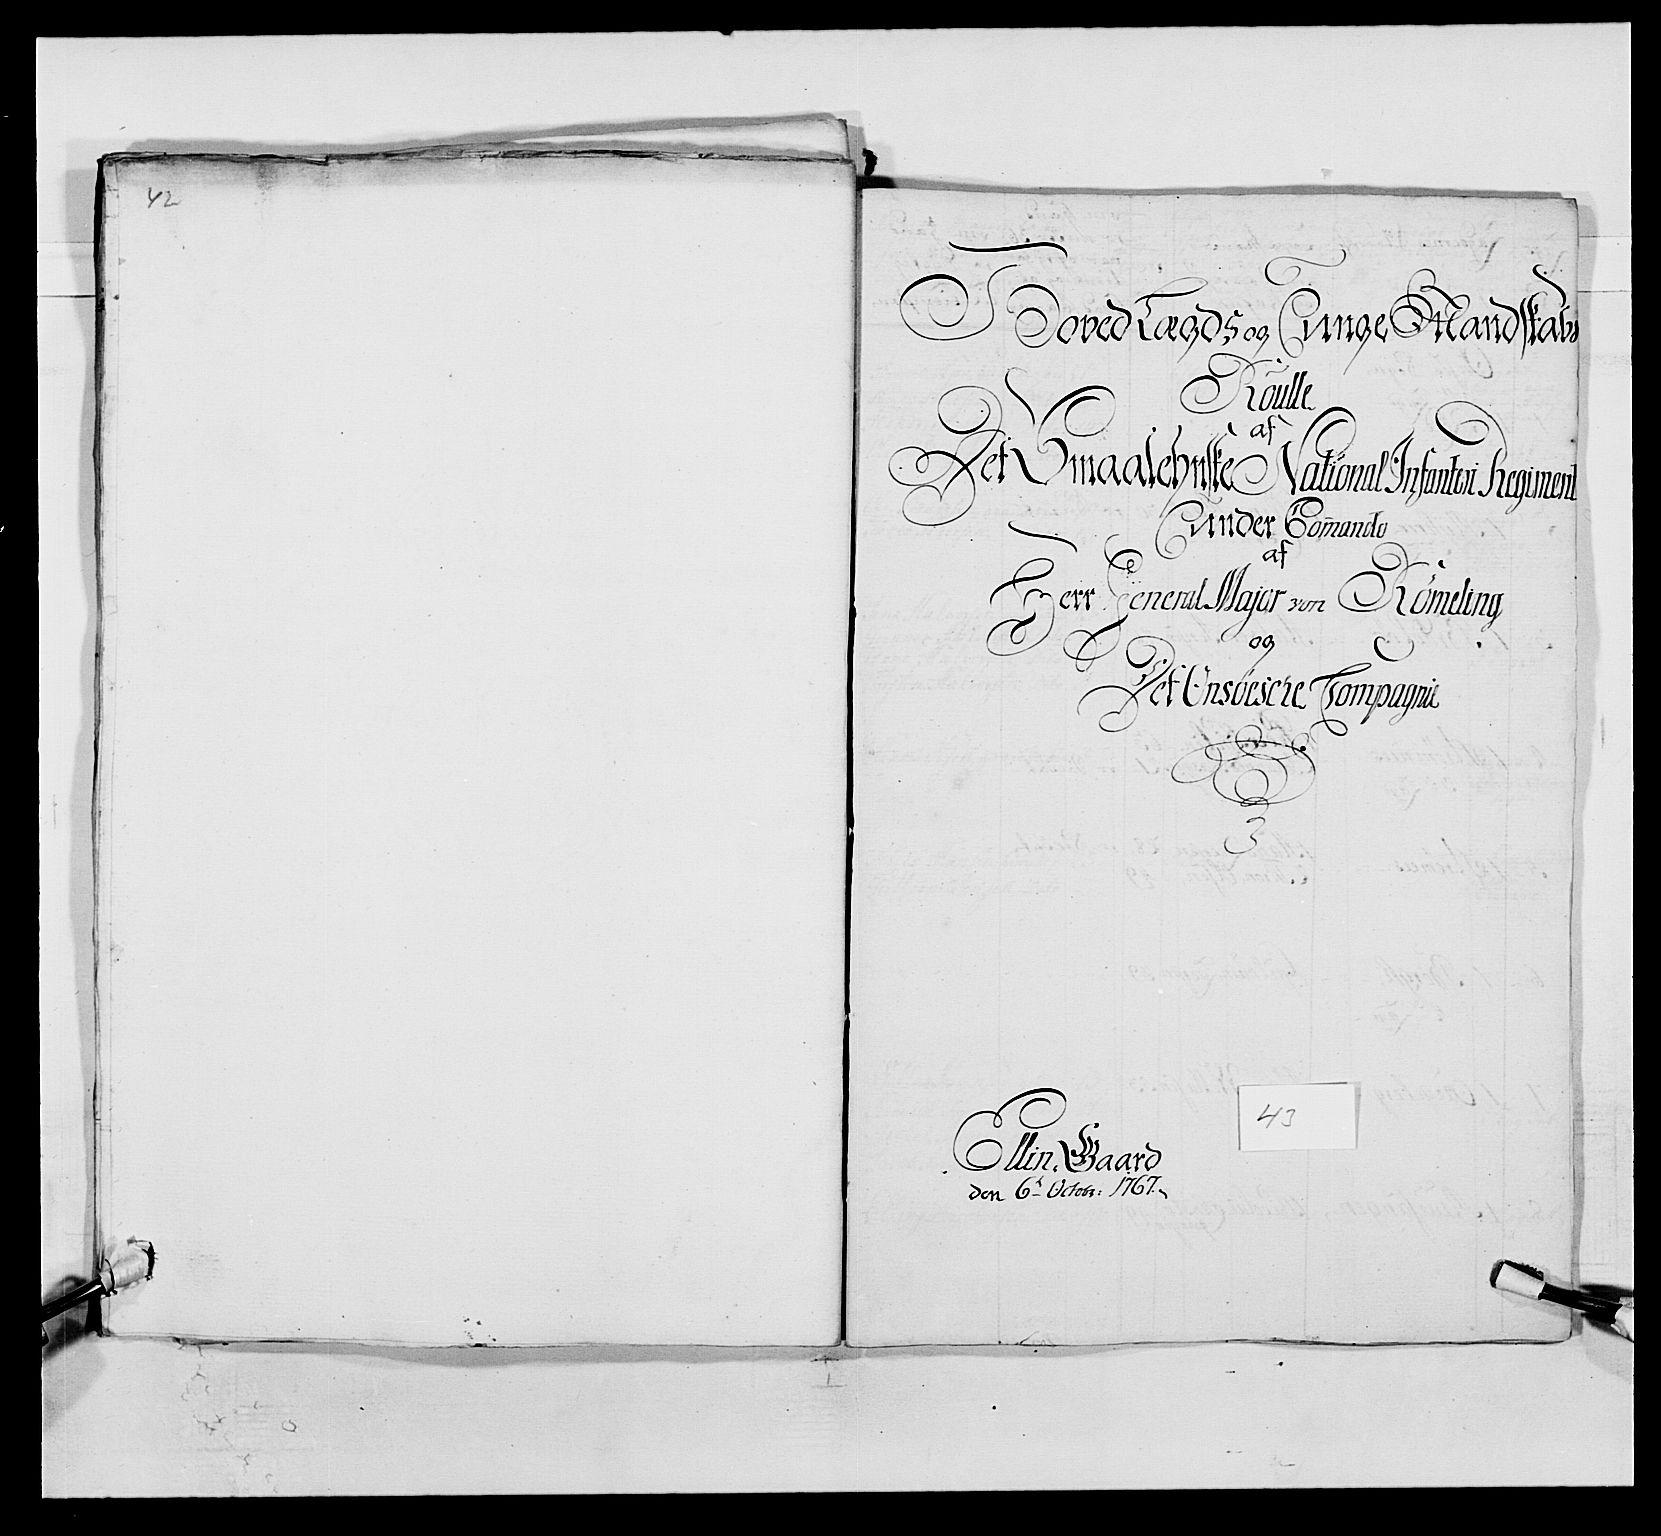 RA, Kommanderende general (KG I) med Det norske krigsdirektorium, E/Ea/L0496: 1. Smålenske regiment, 1765-1767, s. 832